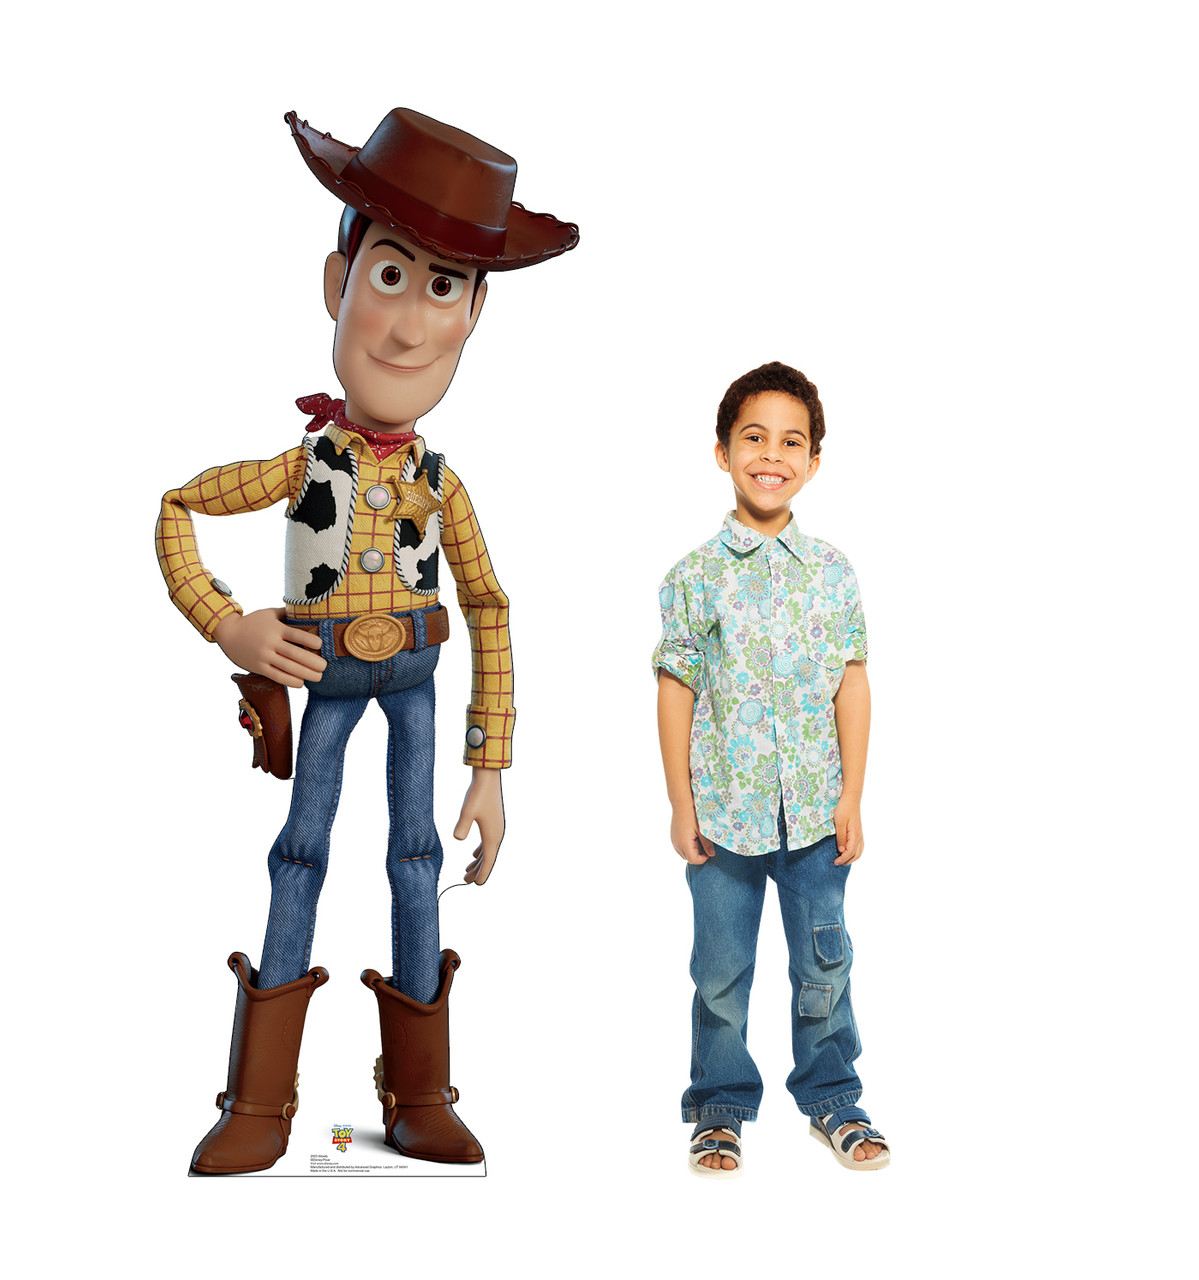 Woody - Toy Story 4 Cardboard Cutout Lifesize